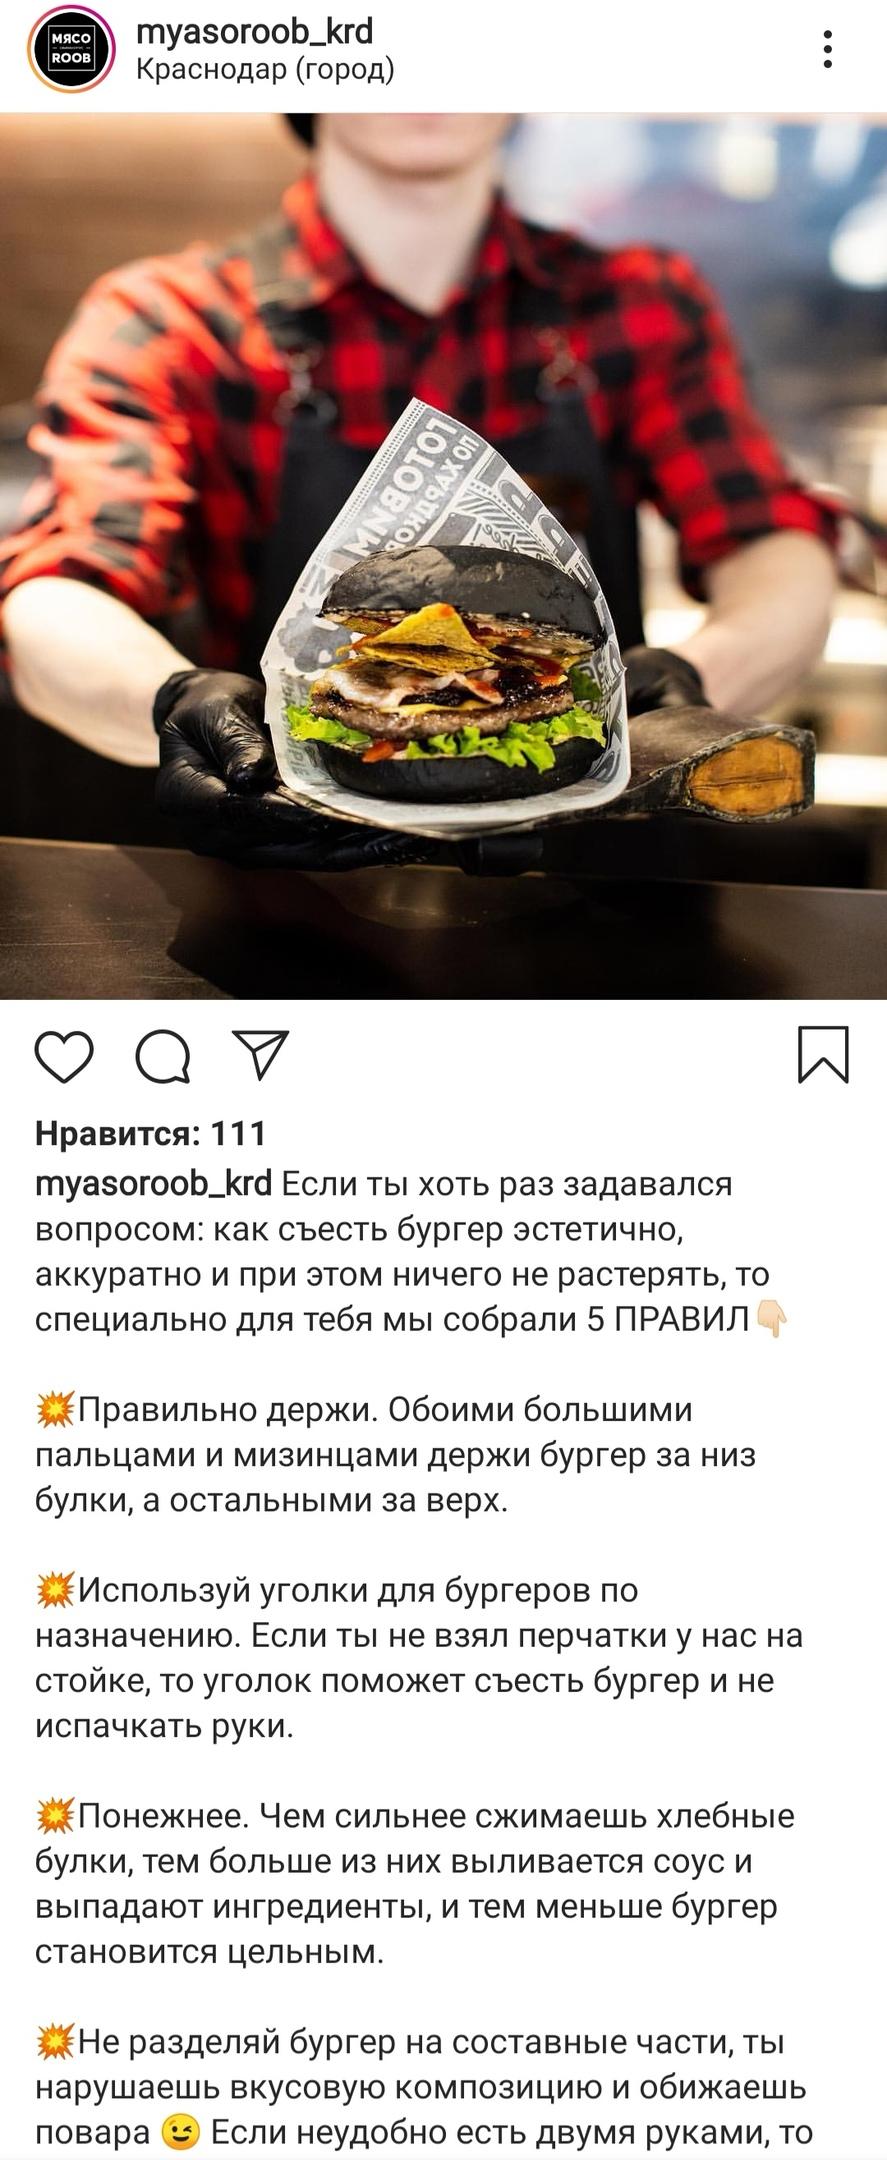 8 Лайфхаков для продвижения ресторана в Instagram, изображение №8